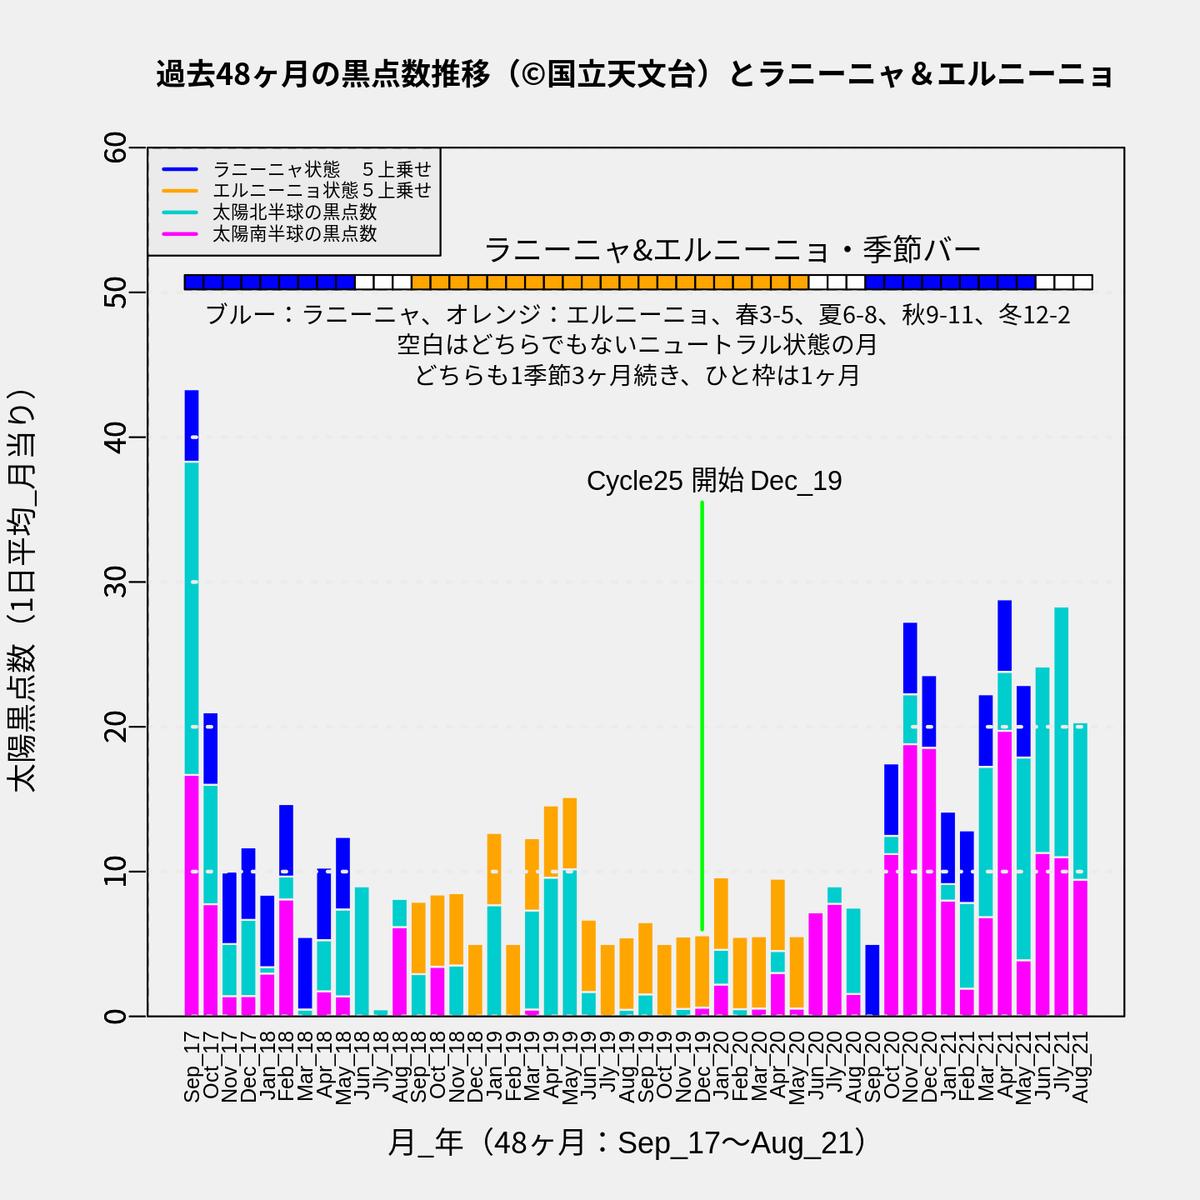 f:id:yoshihide-sugiura:20210903101737p:plain